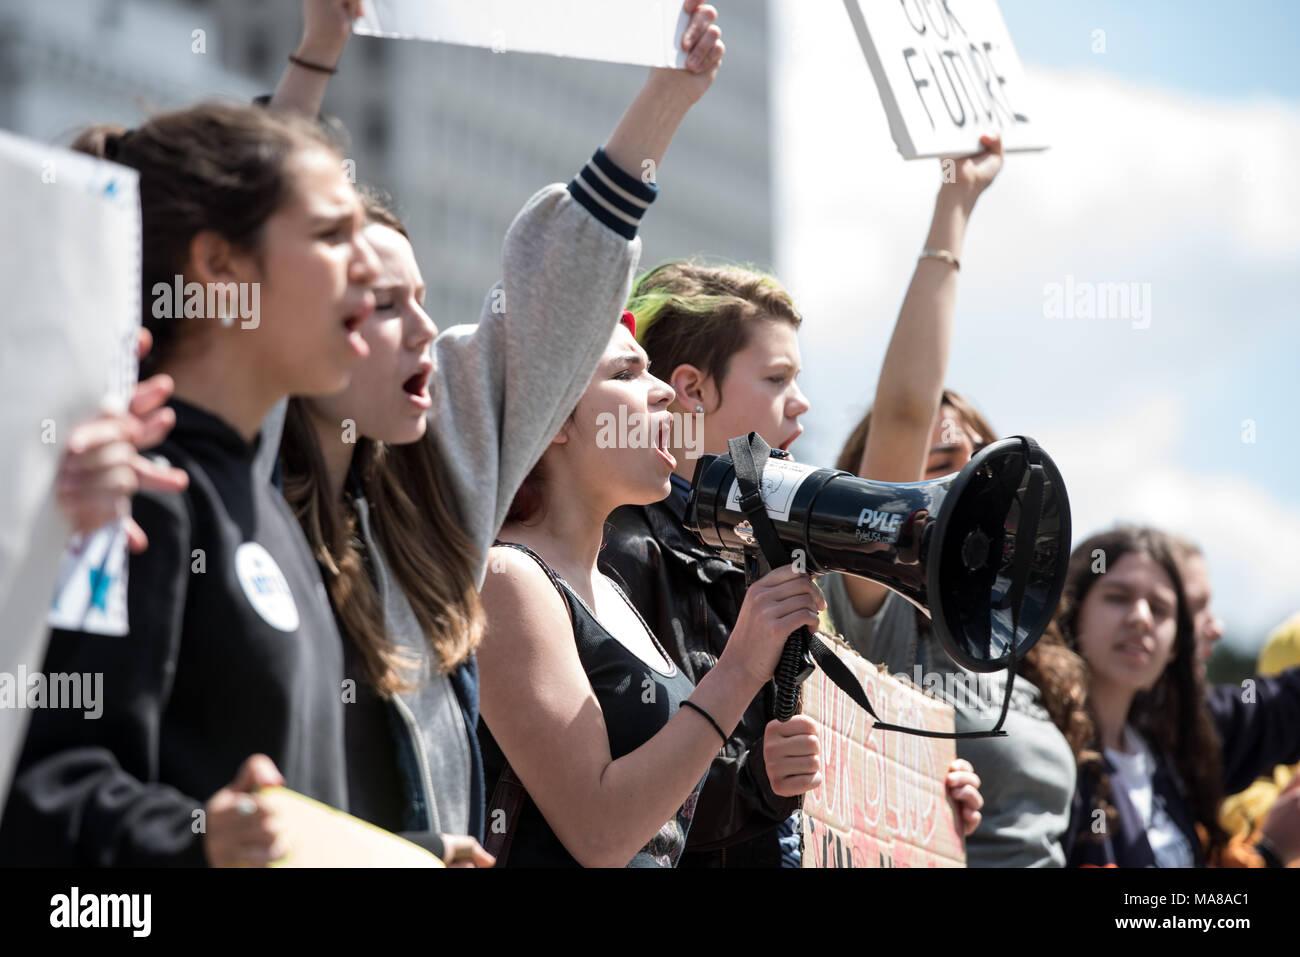 LOS ANGELES - MÄRZ 24, 2018: März für unser Leben ist eine Bewegung von Studierenden gewidmet - LED-Aktivismus um Beendigung von Waffengewalt und die Epidemie der Masse Stockbild